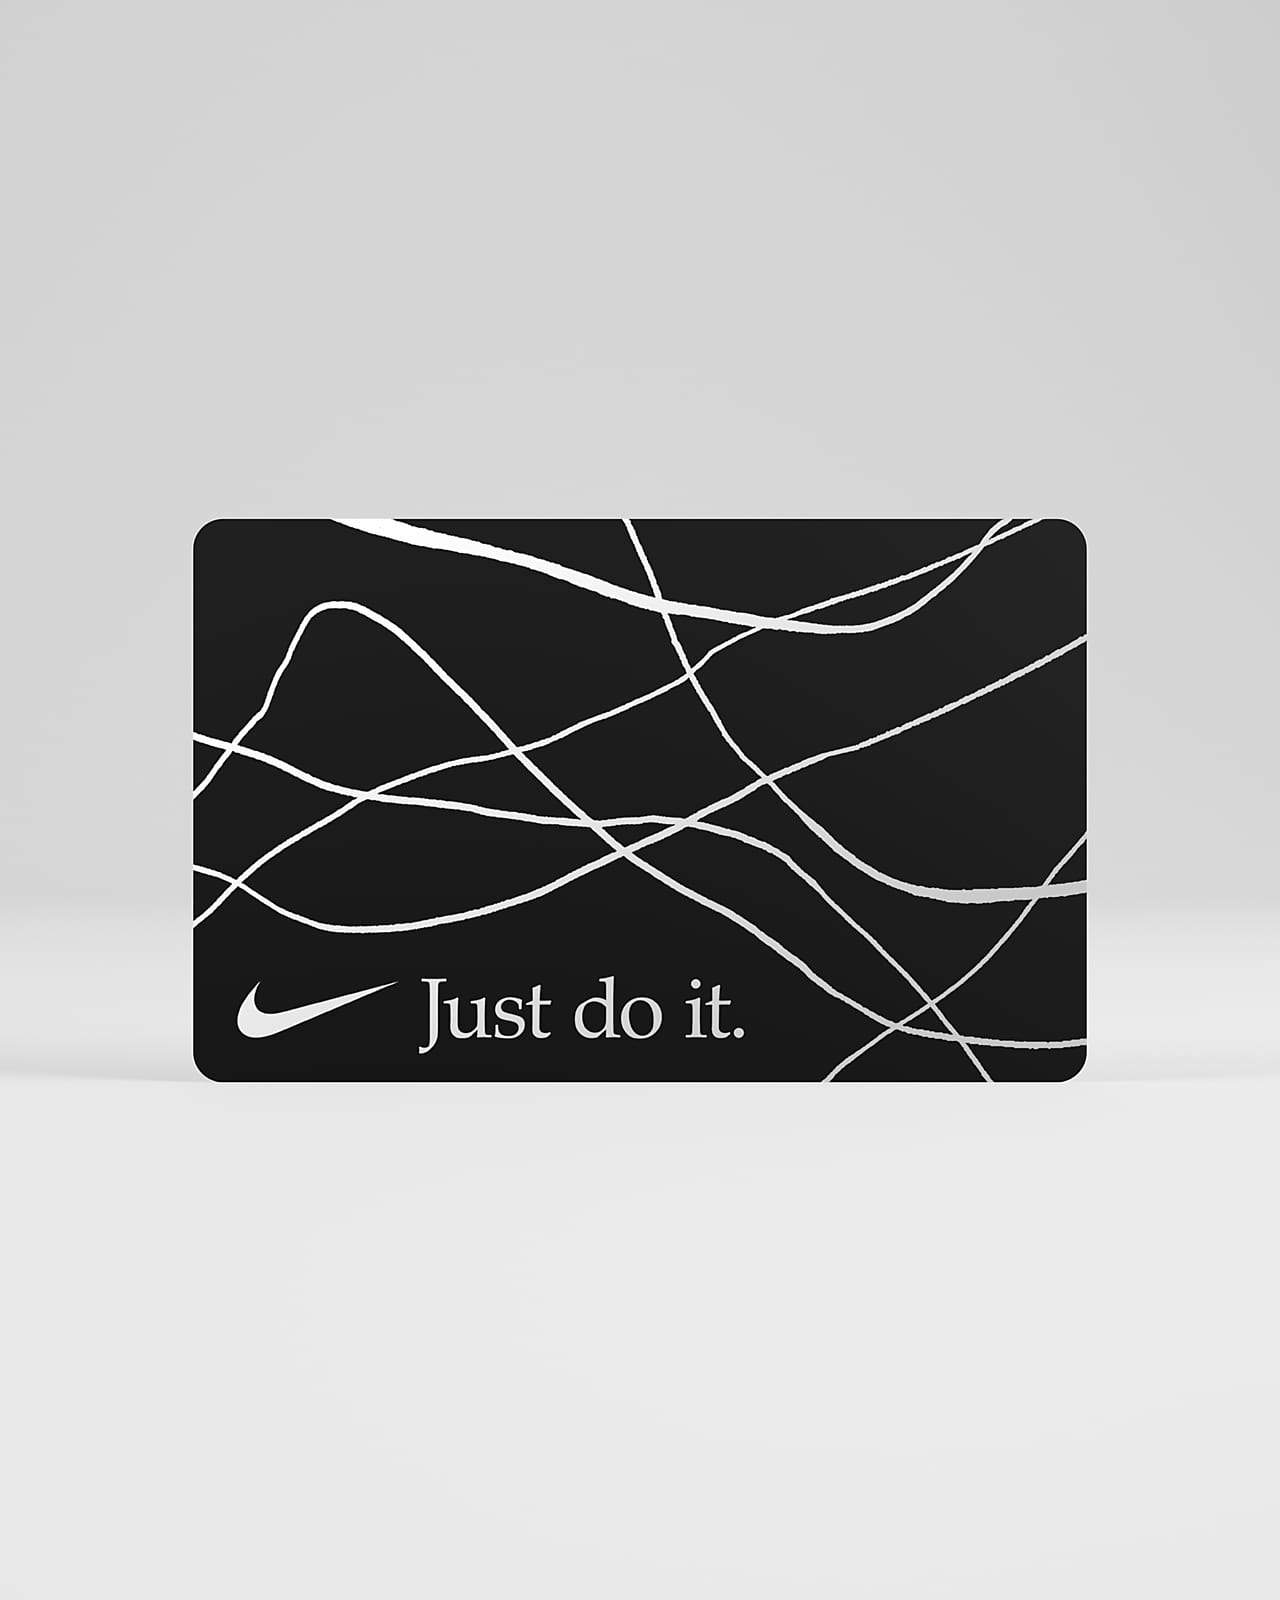 La tarjeta de regalo digital Nike se envía por correo electrónico en dos horas o menos